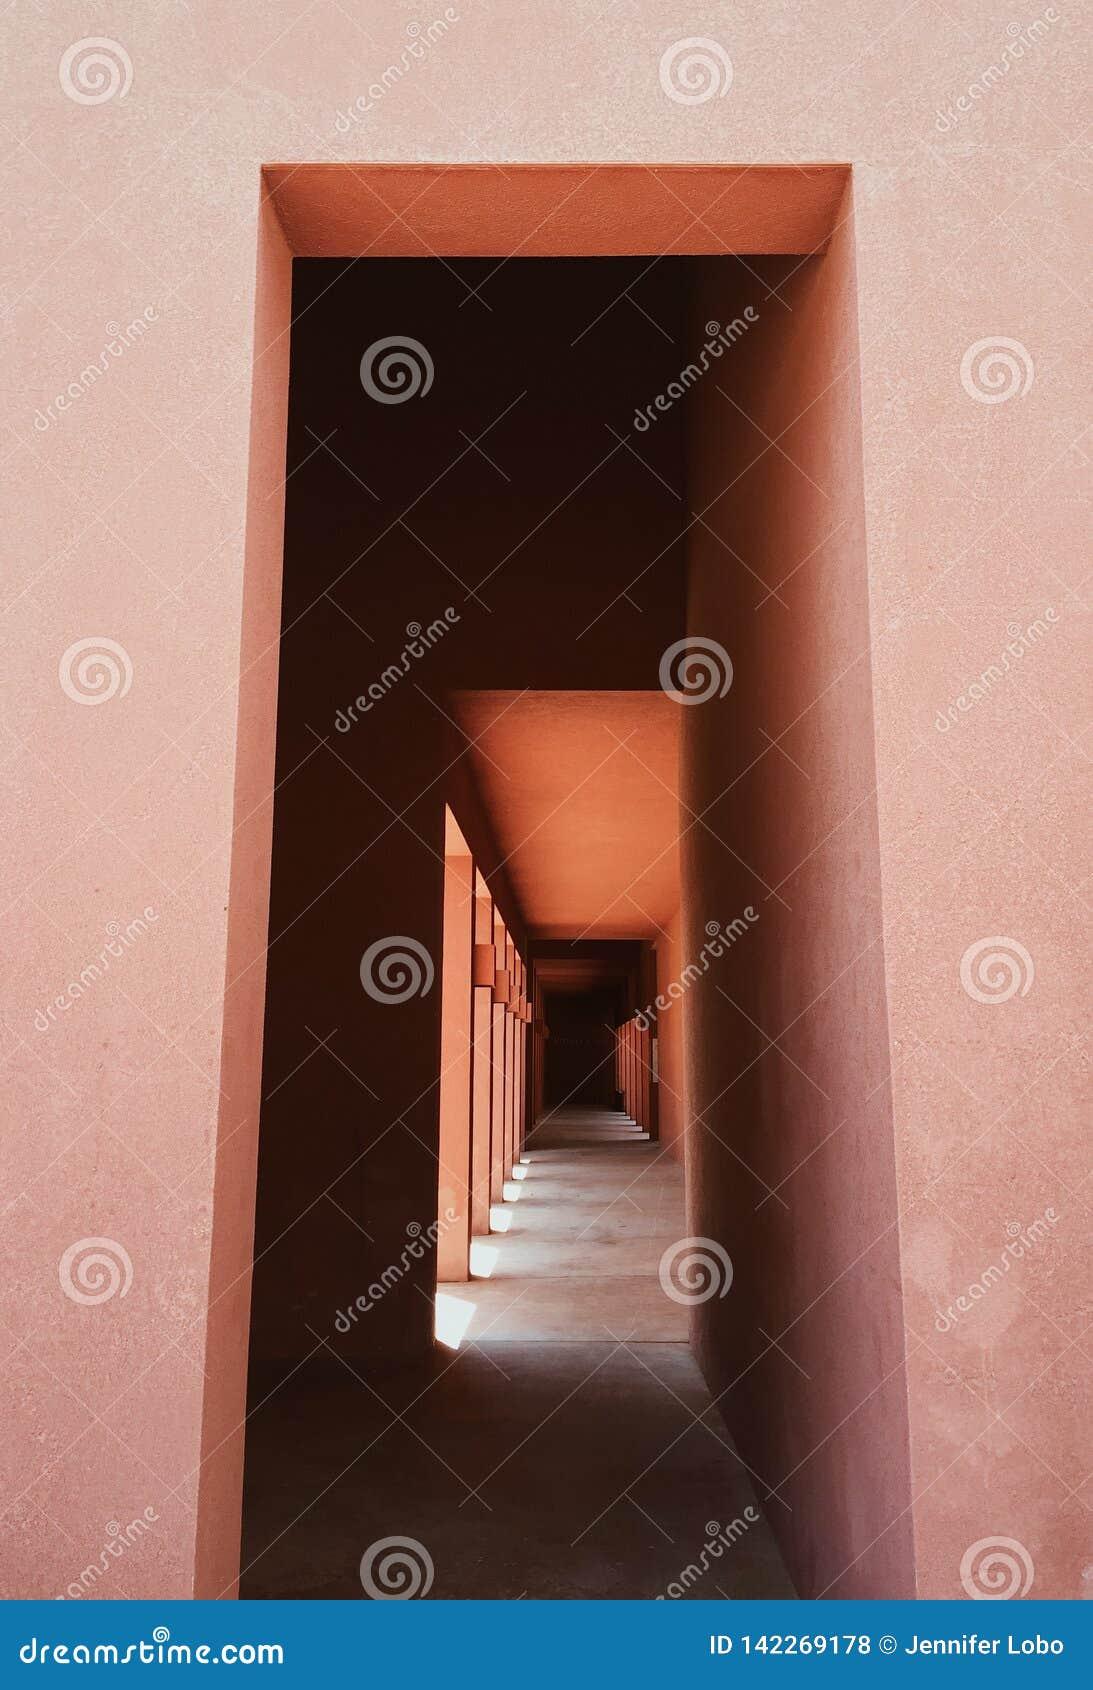 Detalhes arquitetónicos de um corredor em uma construção